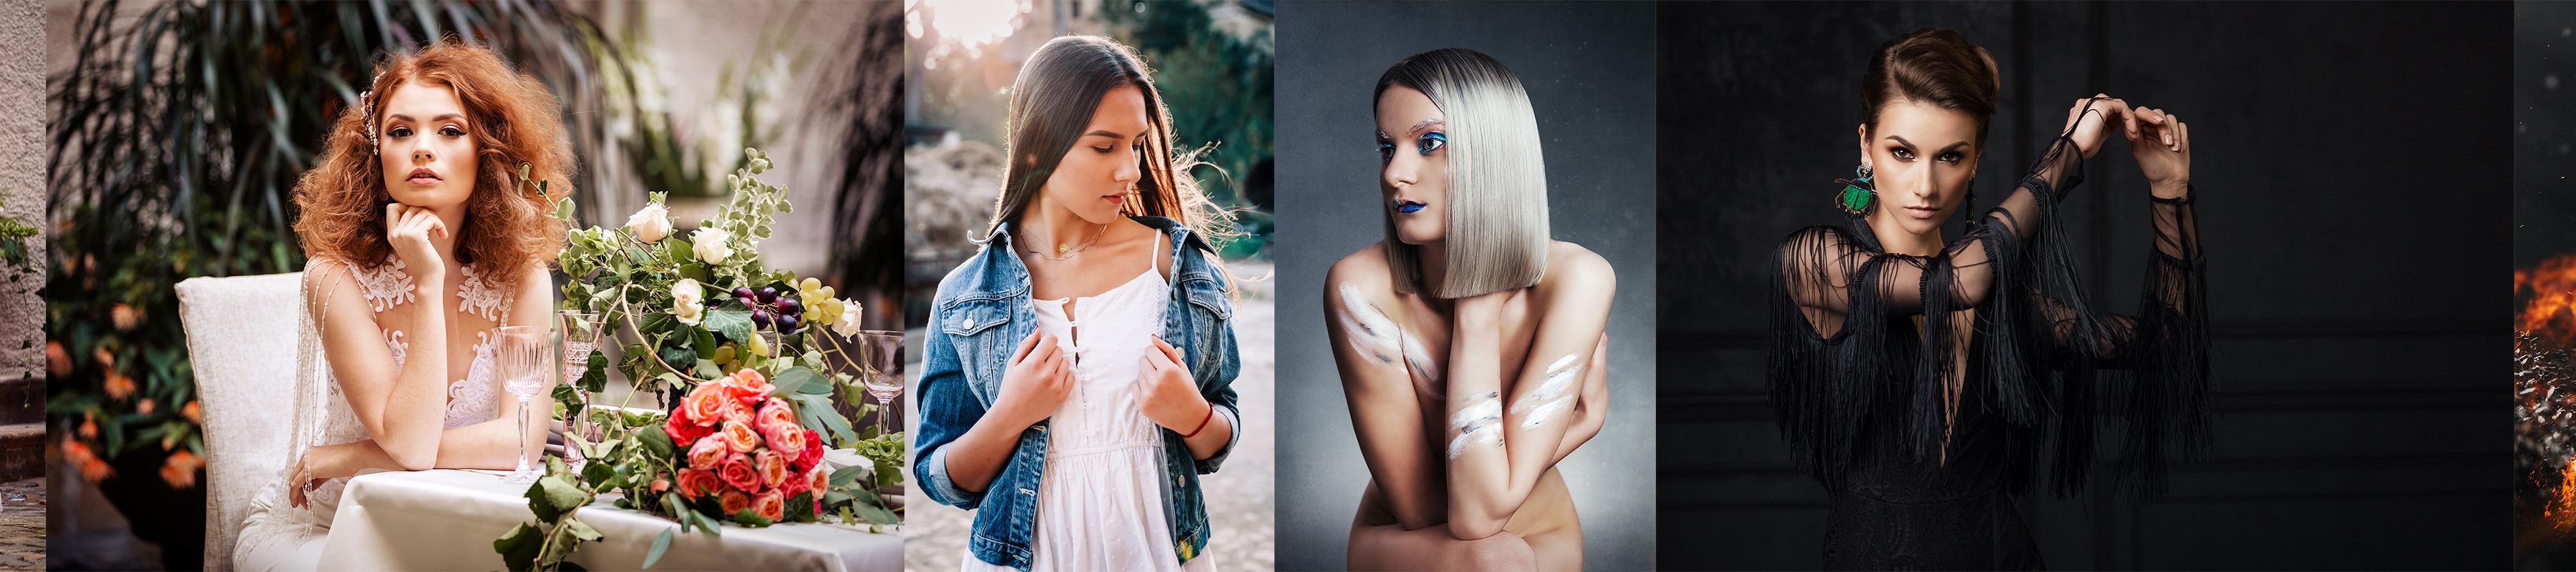 Klaudia-Cieplinska-Fotograf-Jelenia-Gora-15